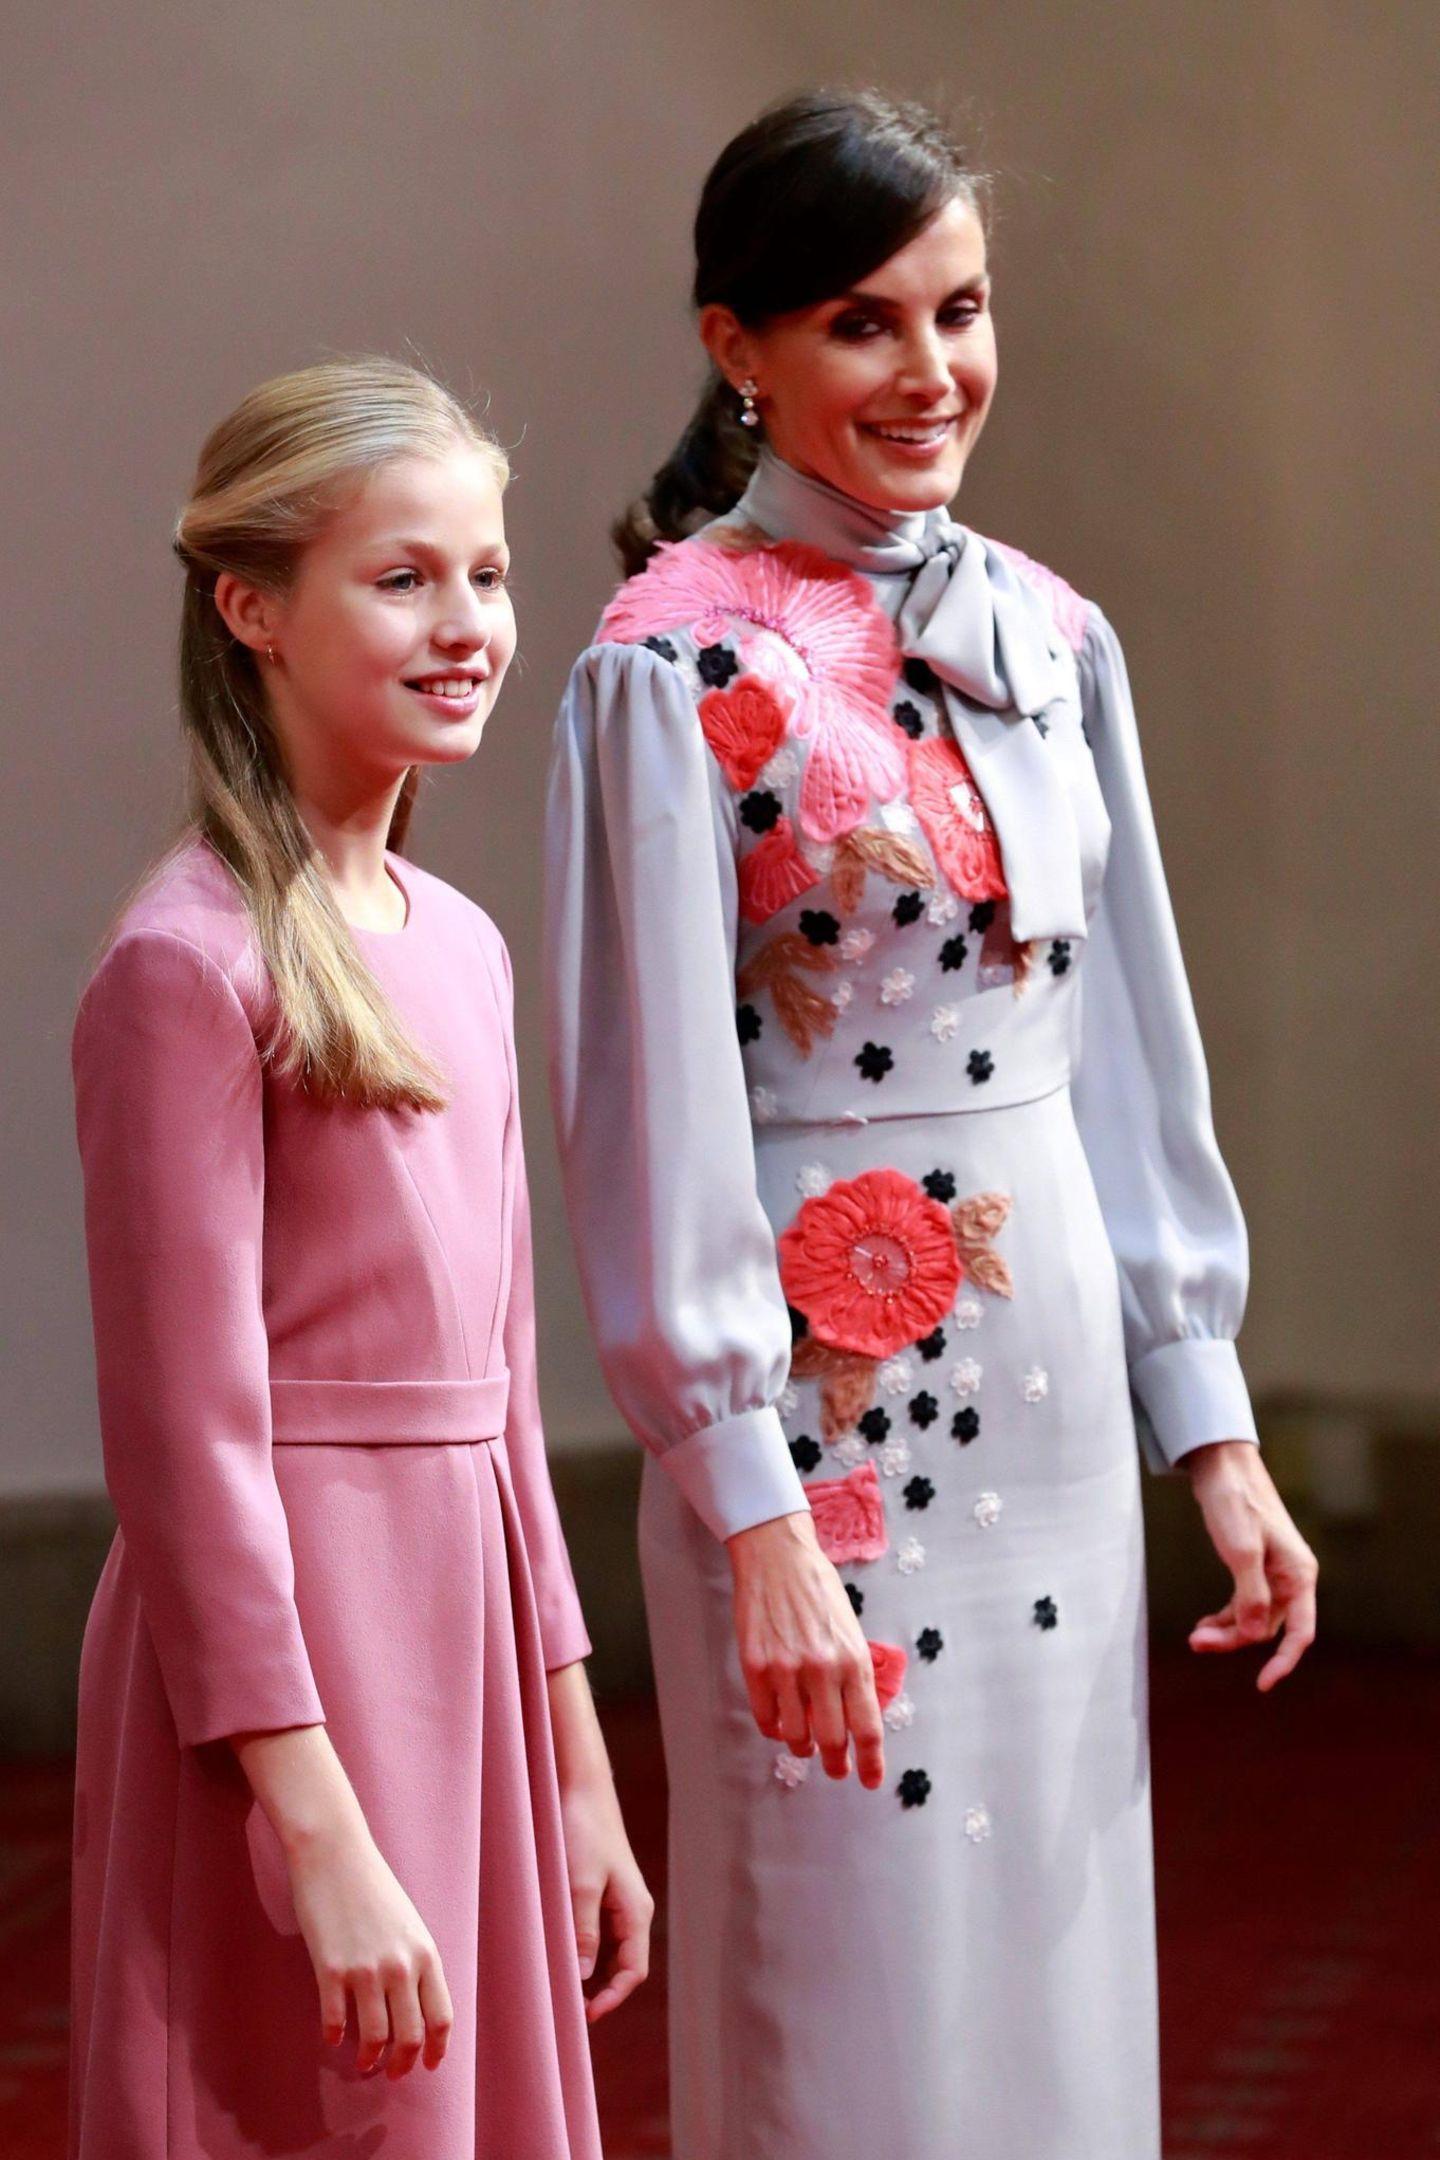 18. Oktober 2019  Im Rahmen der Vergabe der Prinzessin-von-Asturien-Preise findet im Hotel Reconquista in Oviedoeine Audienz der spanischen Königsfamilie statt. Königin Letizia ist an der Seite ihrer Tochter Leonor, die an diesemAbend ihr Debüt geben wird.